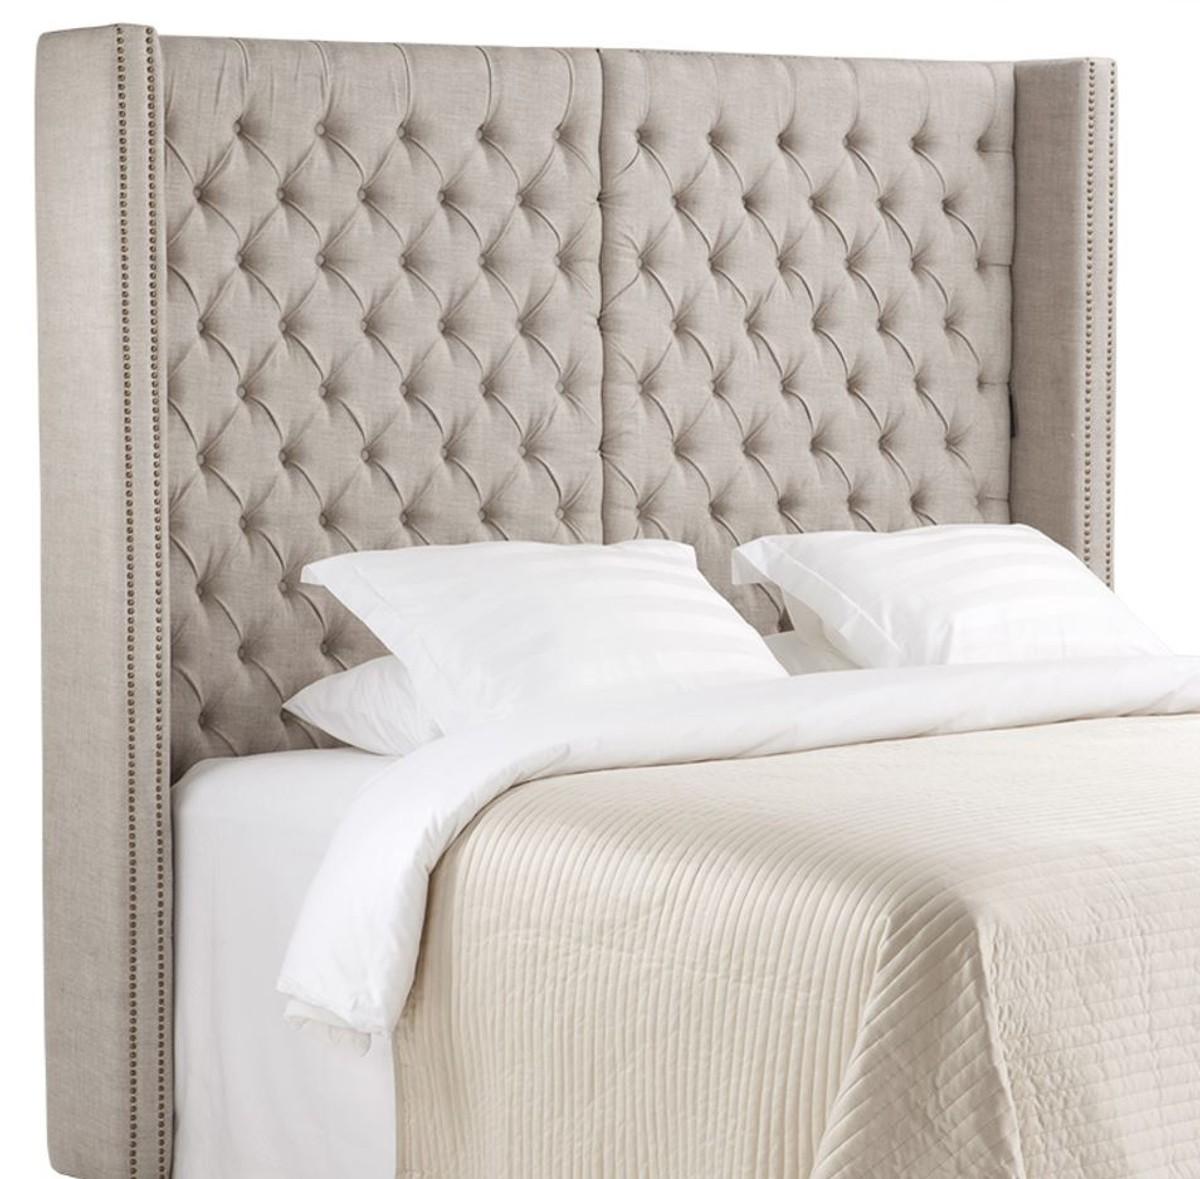 Full Size of Luxus Bett Casa Padrino Kopfteil 200 H 180 Cm Designer Tagesdecken Für Betten Japanische Balinesische Günstige 180x200 Amerikanische Balken Amazon 200x200 Bett Luxus Bett